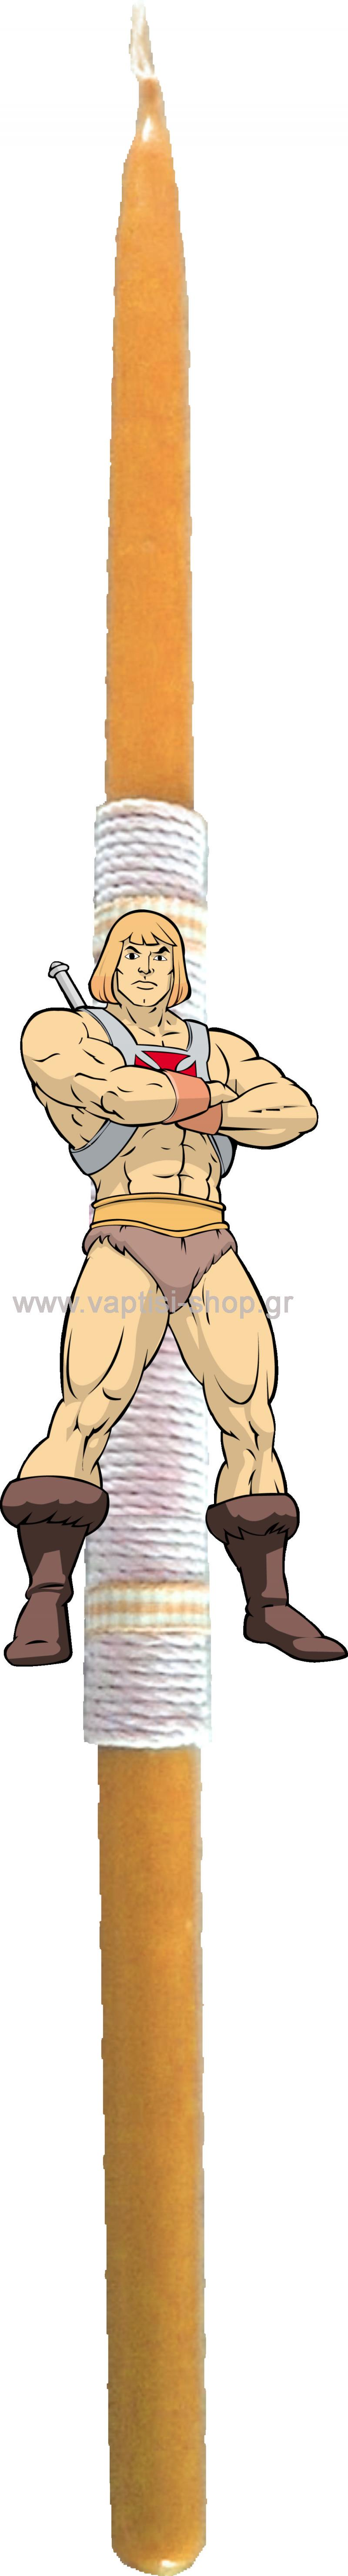 Πασχαλινή Λαμπάδα X-man